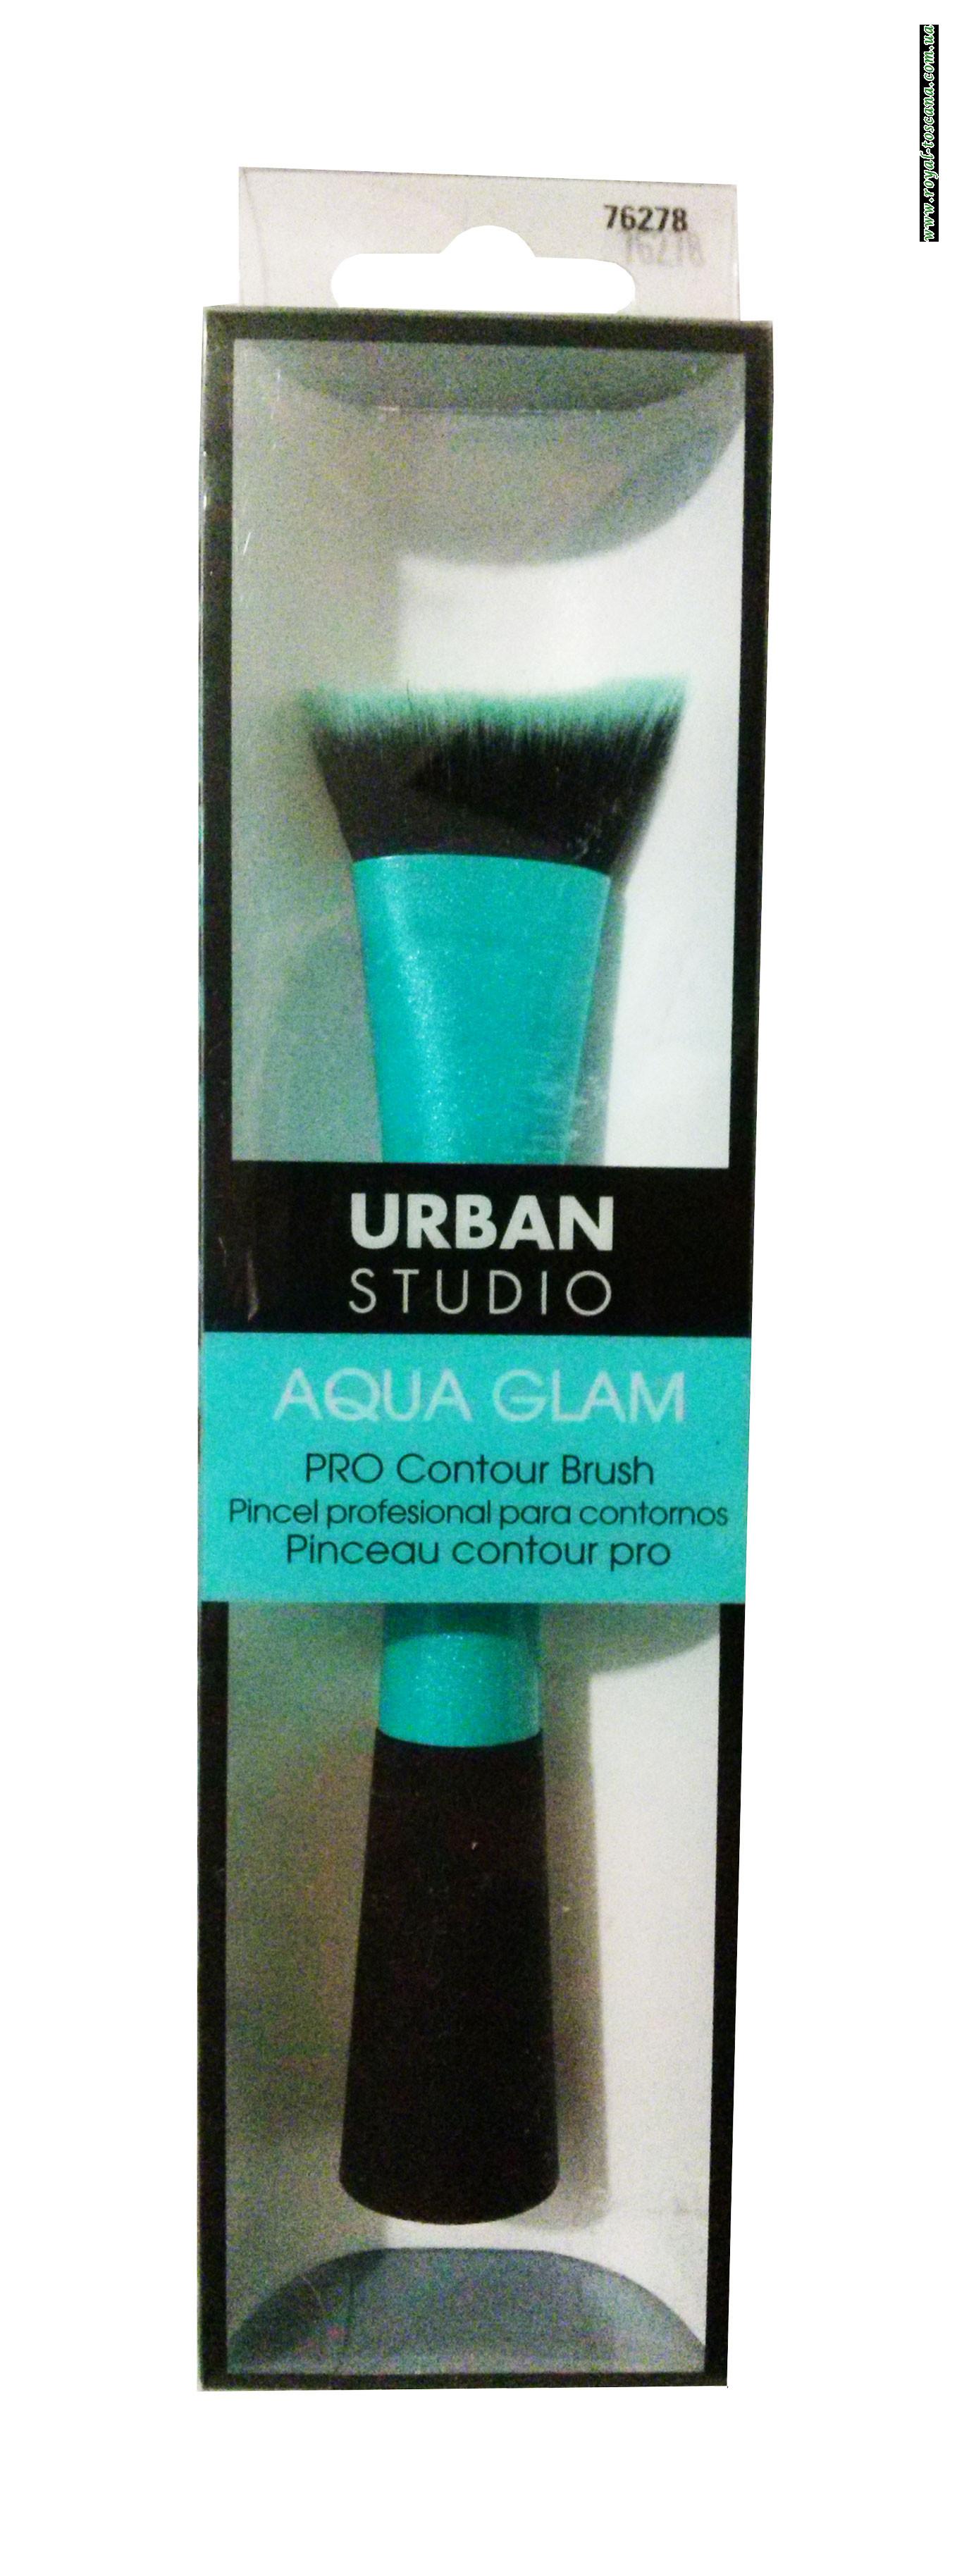 Контурная кисточка для нанесения макияжа Urban Studio Aqua Glam PRO Contour Brush